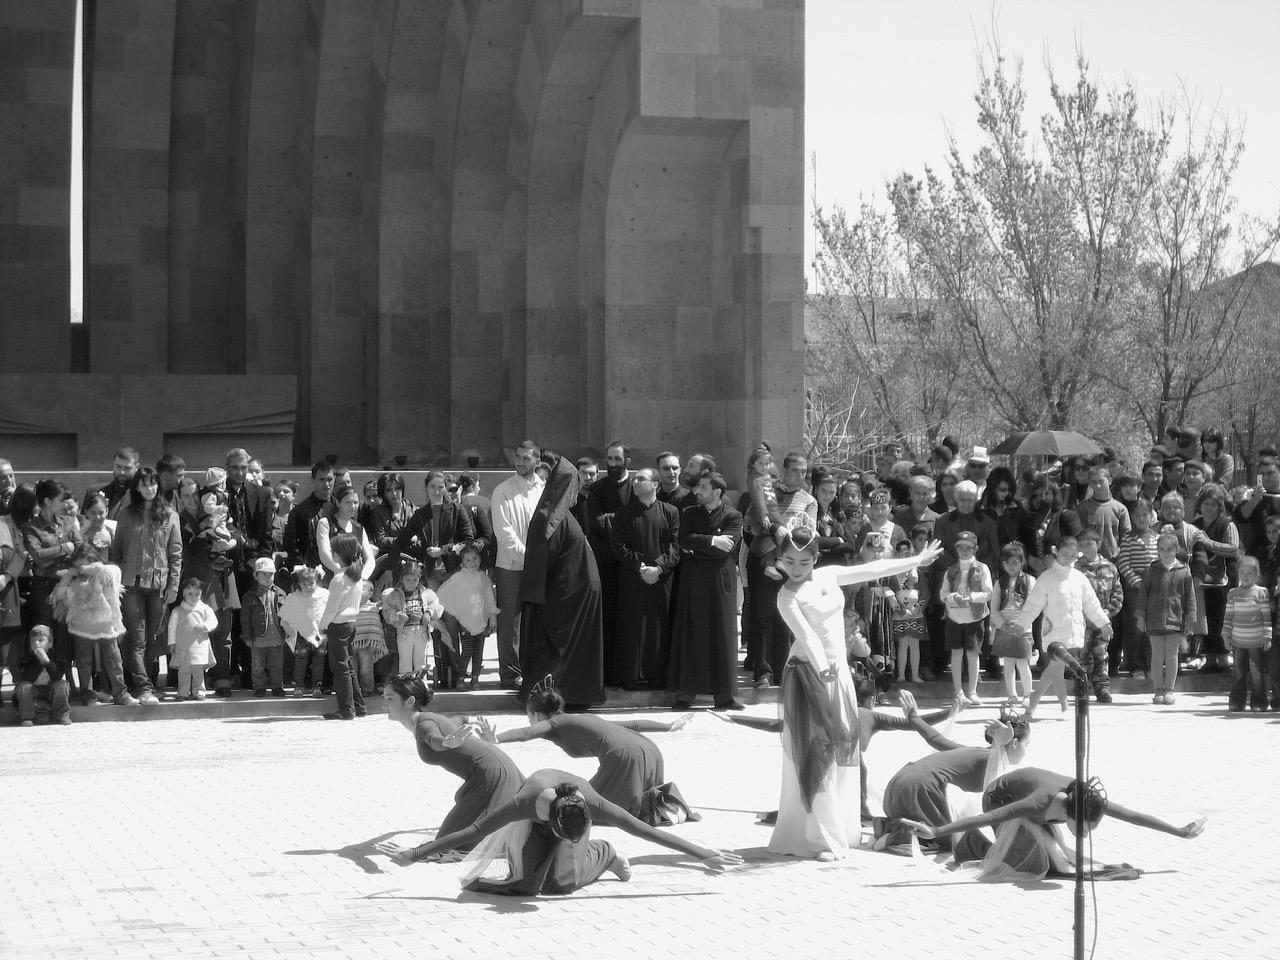 Foto: Tanz. Aus: Eriwan. Kapitel 6 Aufzeichnungen aus Armenien von Marc Degens.